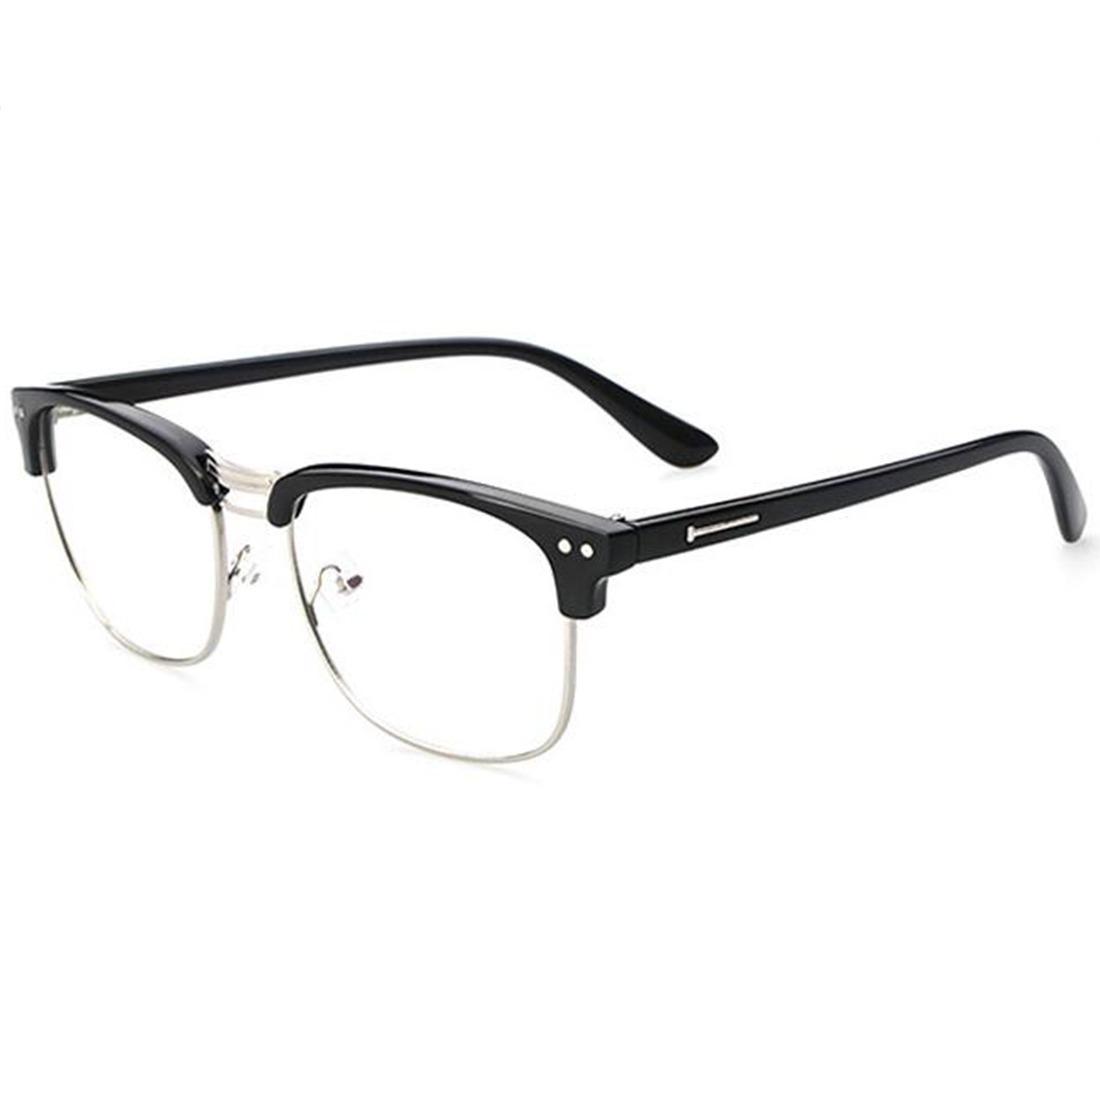 ef5704397383d armação óculos vintage masculino feminino m 207 promoção. Carregando zoom.